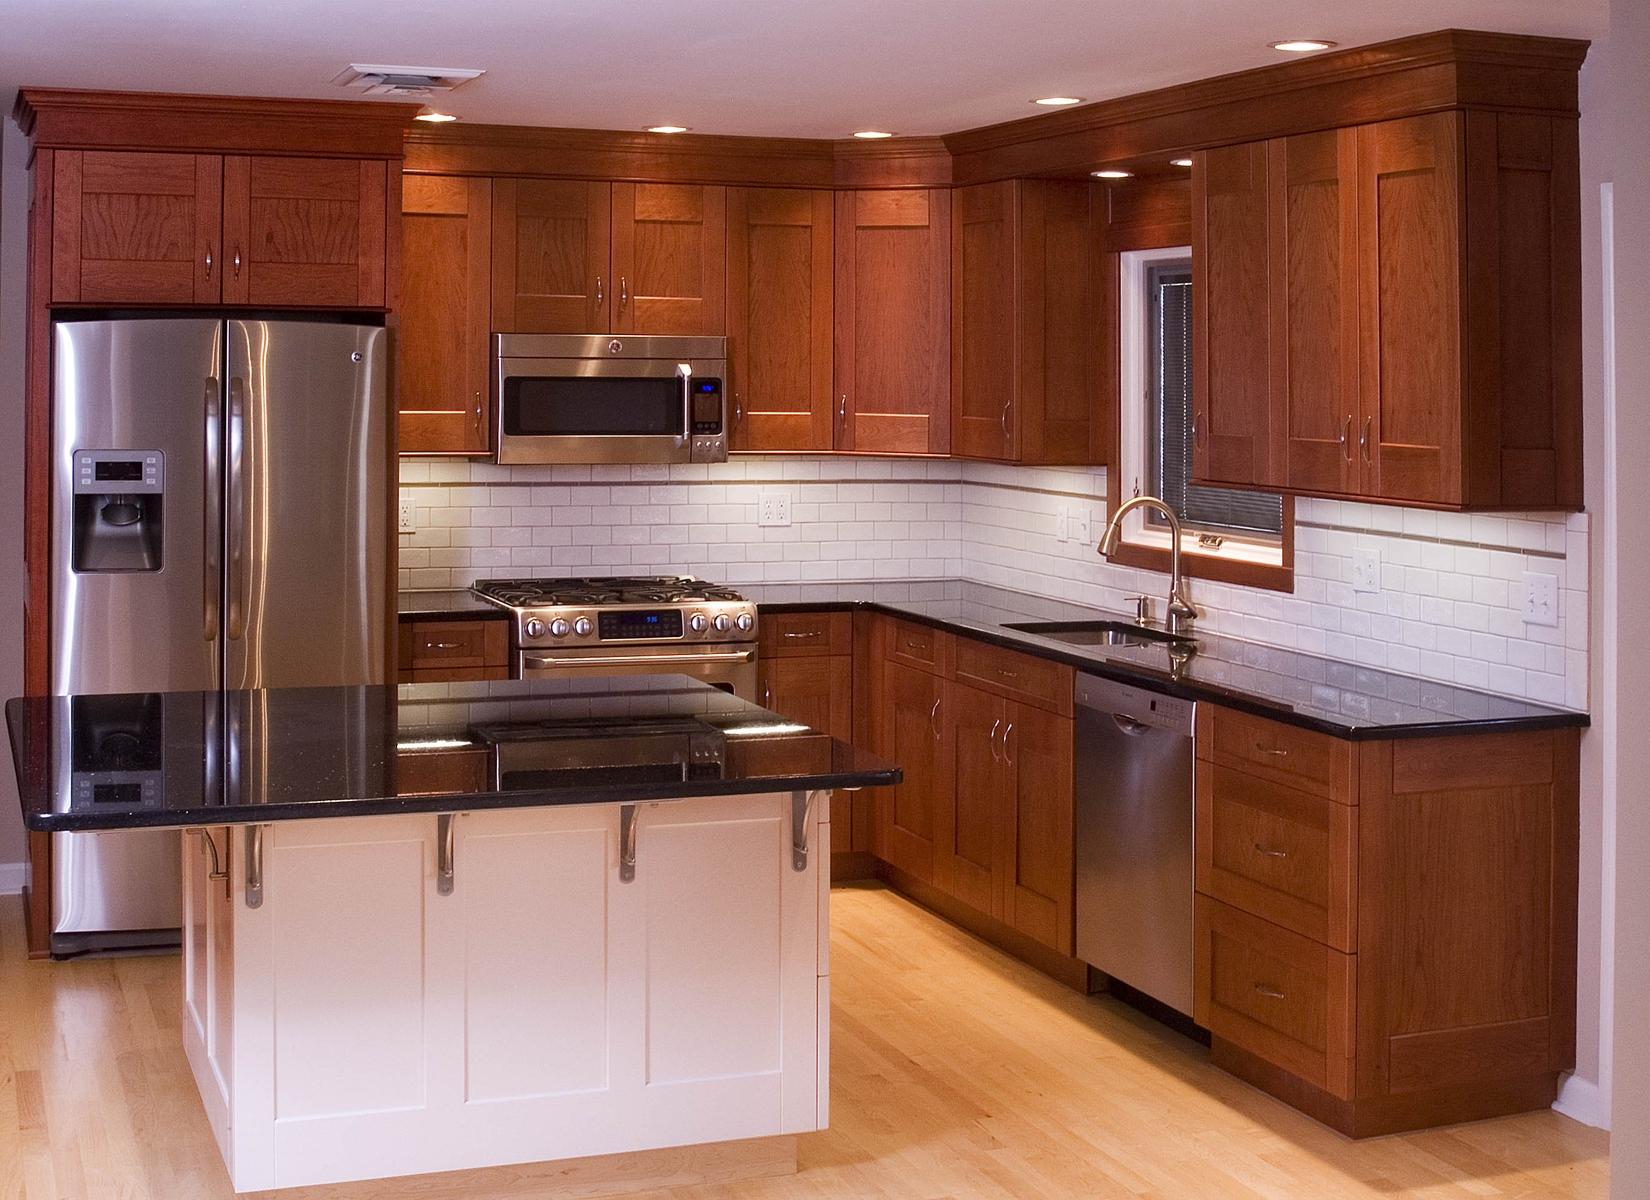 kitchen cabinets knobs picture ideas kitchen interior mica interior design construction kitchen cabinet